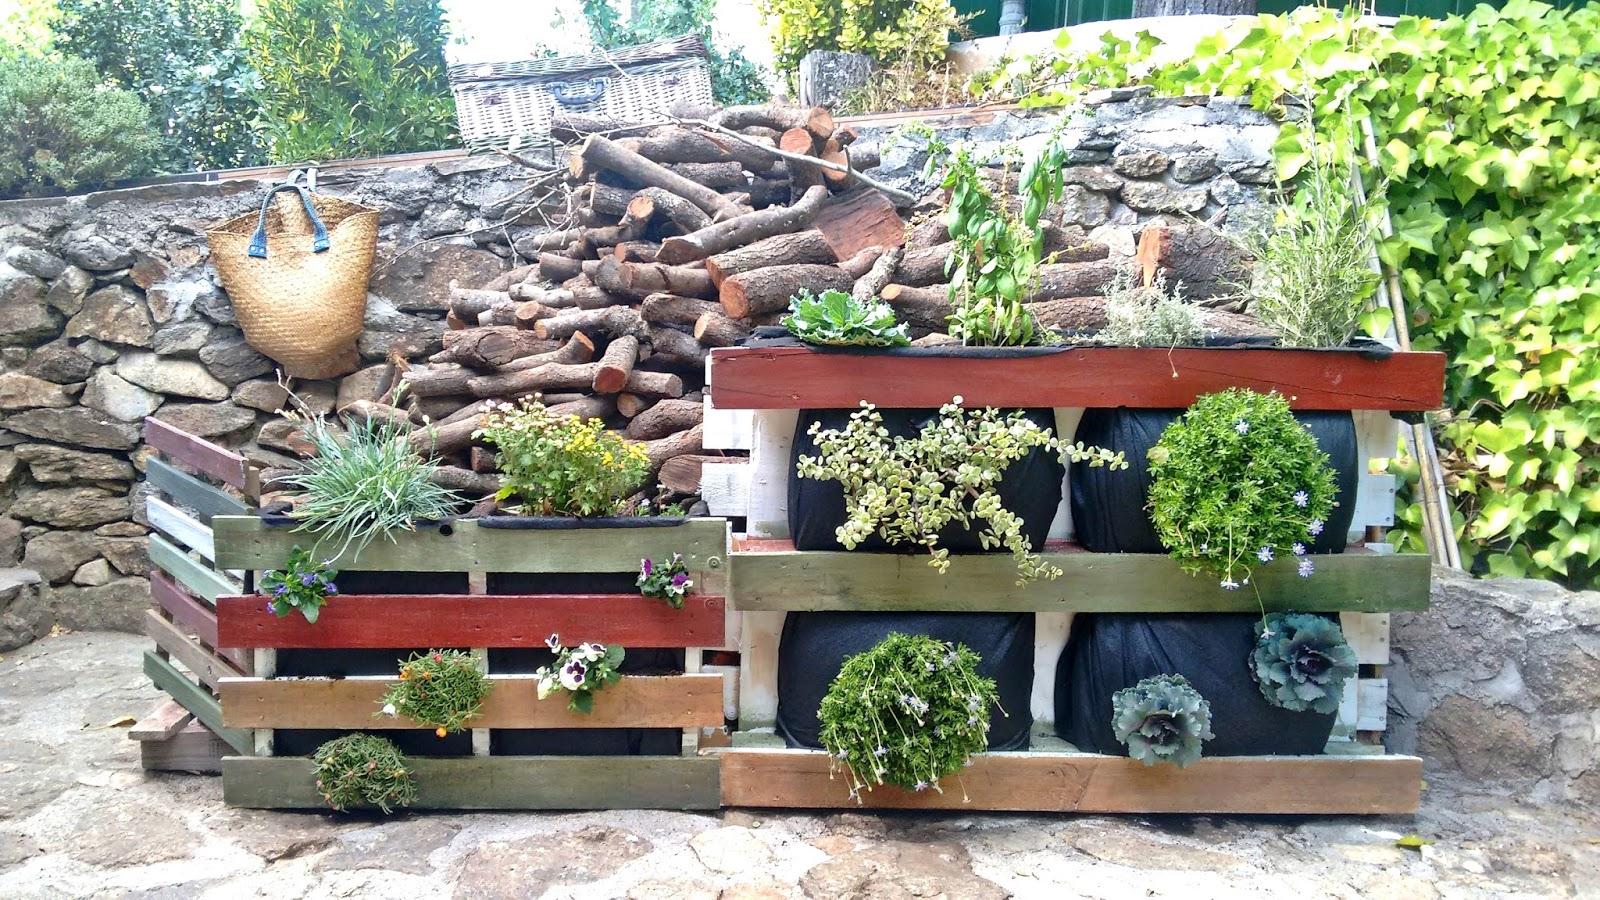 Artesana le ero jardinera vertical con palets viejos - Jardineras de madera caseras ...